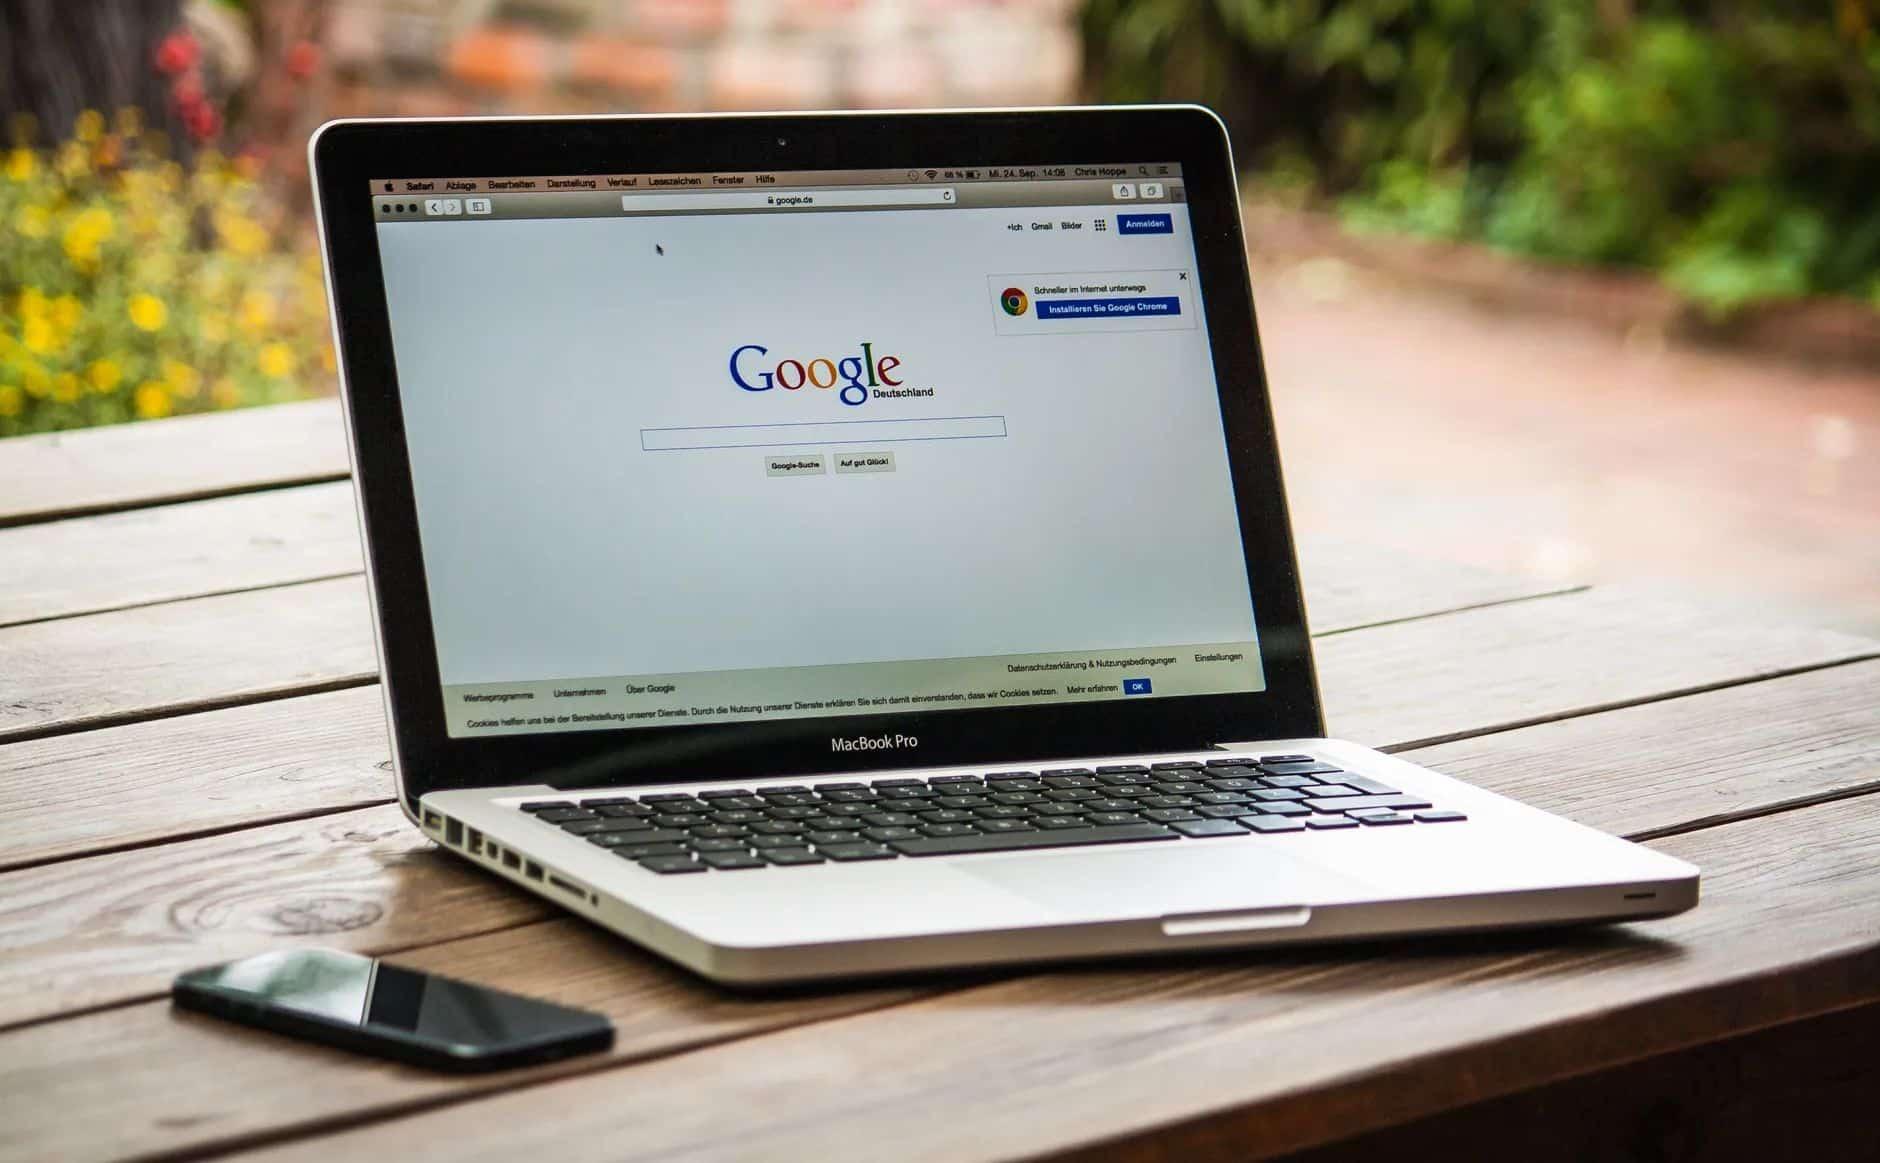 Bom rankeamento no Google